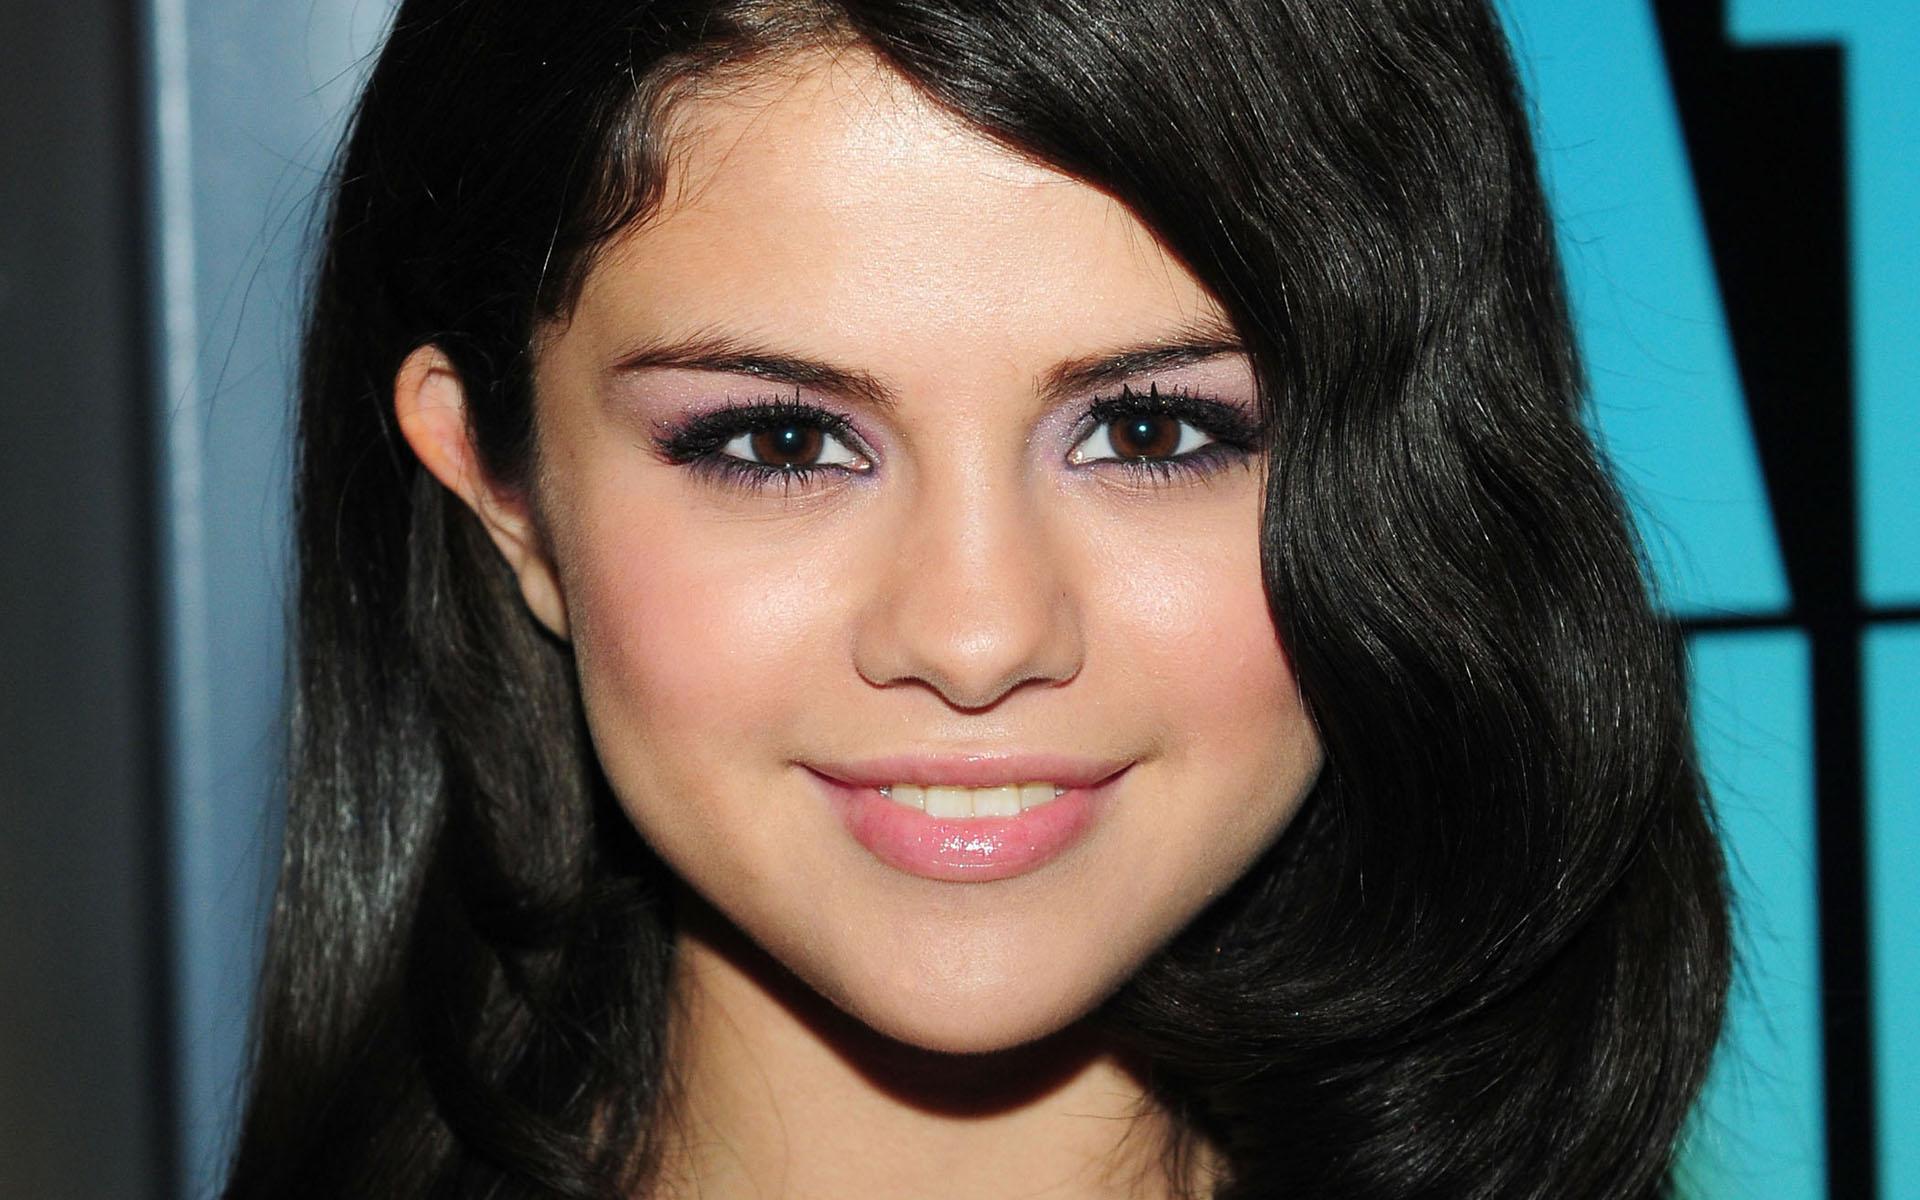 O maior melhor e mais completo fãsite sobre Selena Gomez em todo o mundo